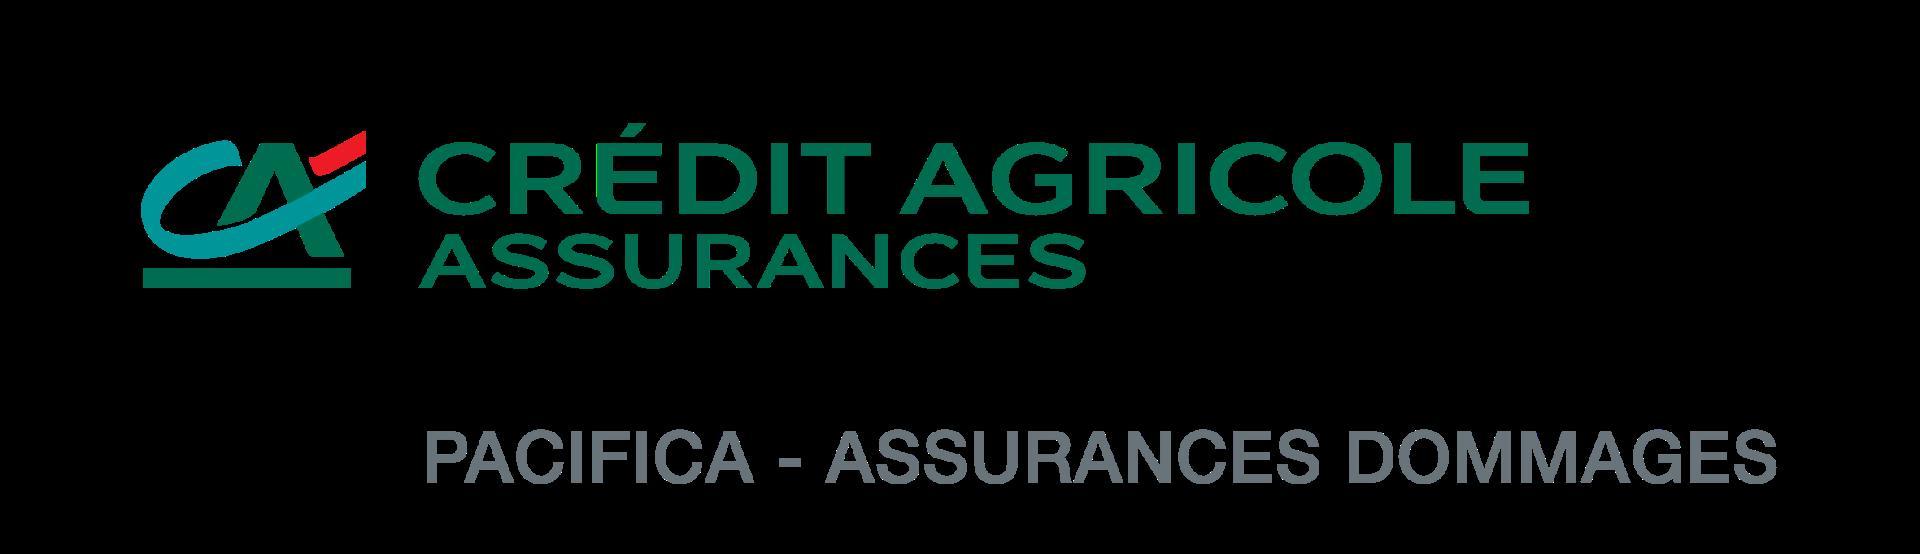 Crédit Agricole Assurances logo